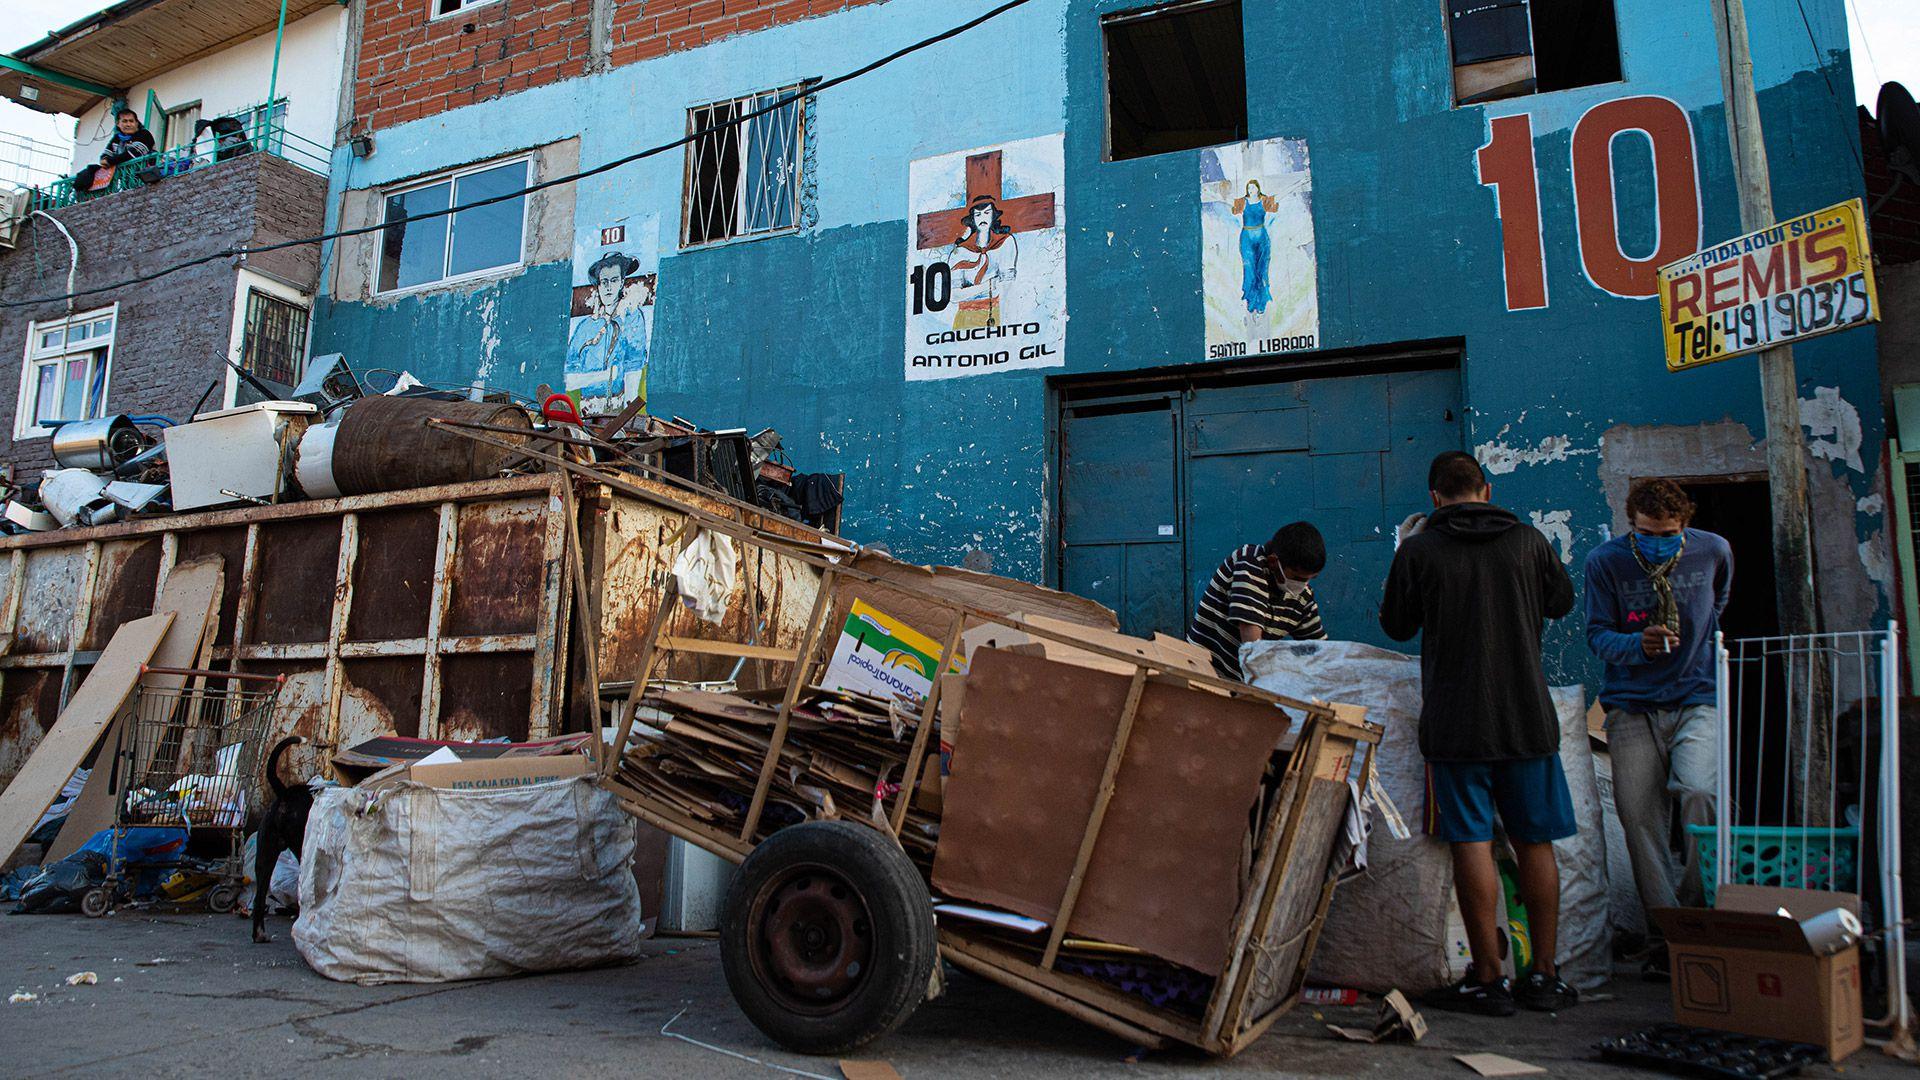 Personas en situacion de calle - coronavirus - argentina - cuarentena - pobreza